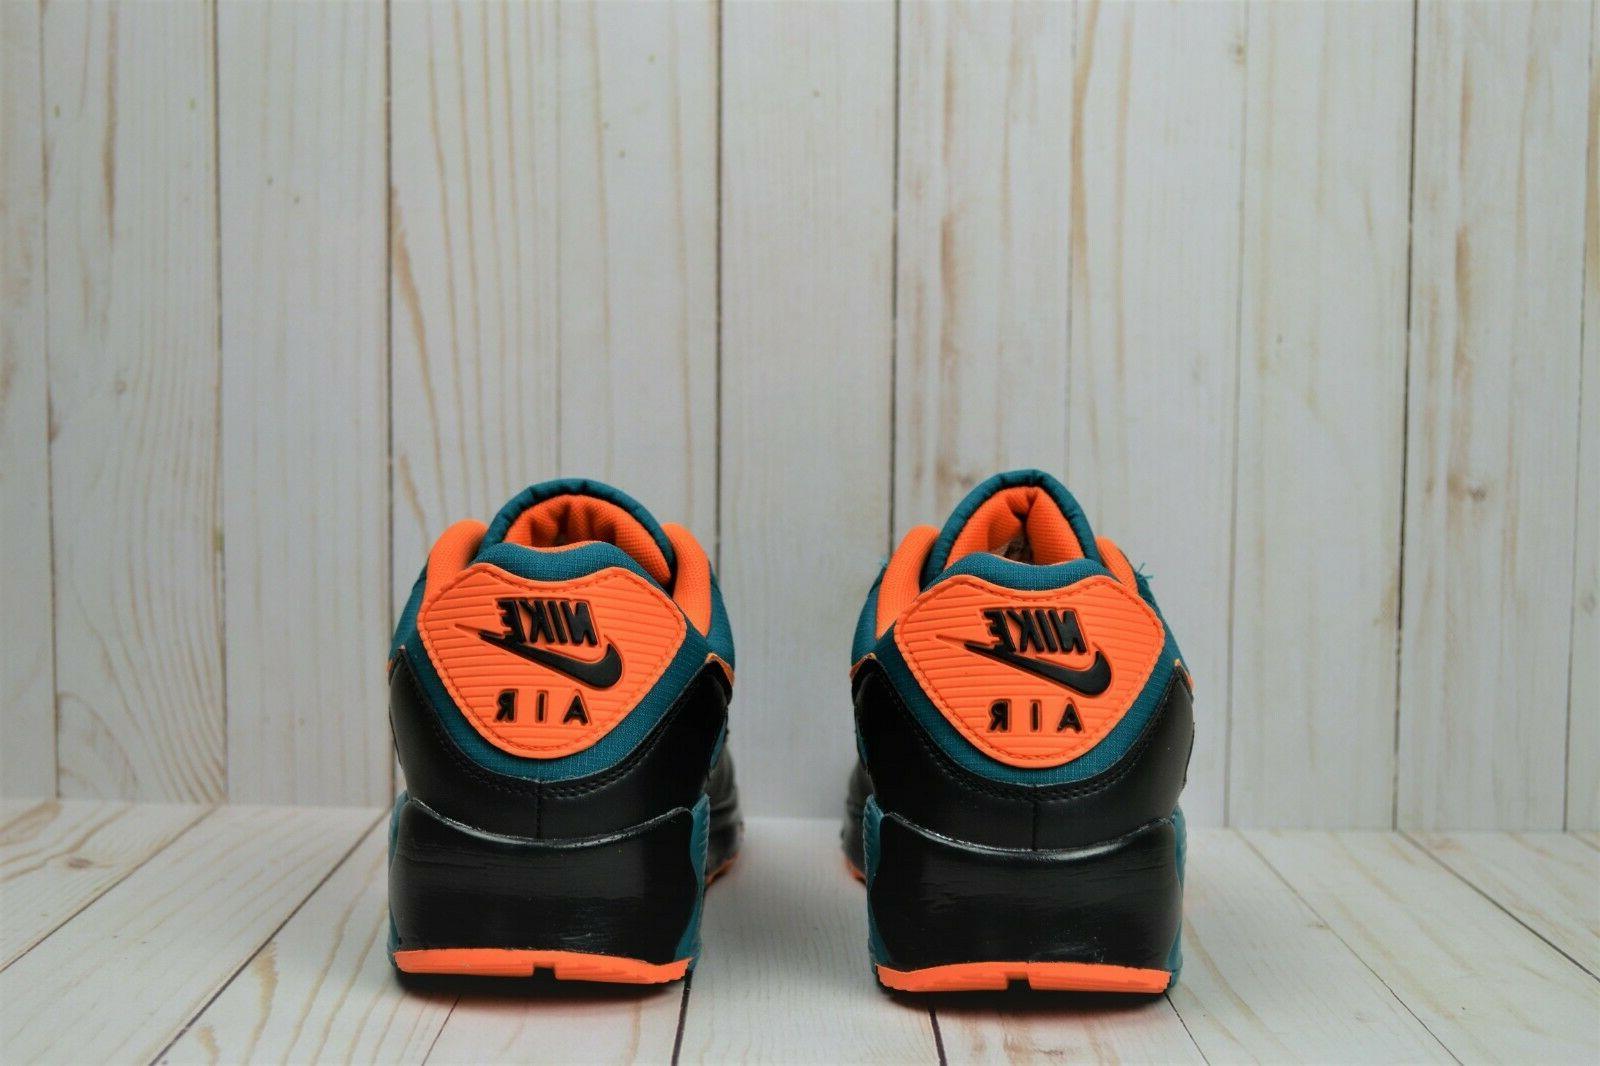 NIB 90 12 Running Shoes